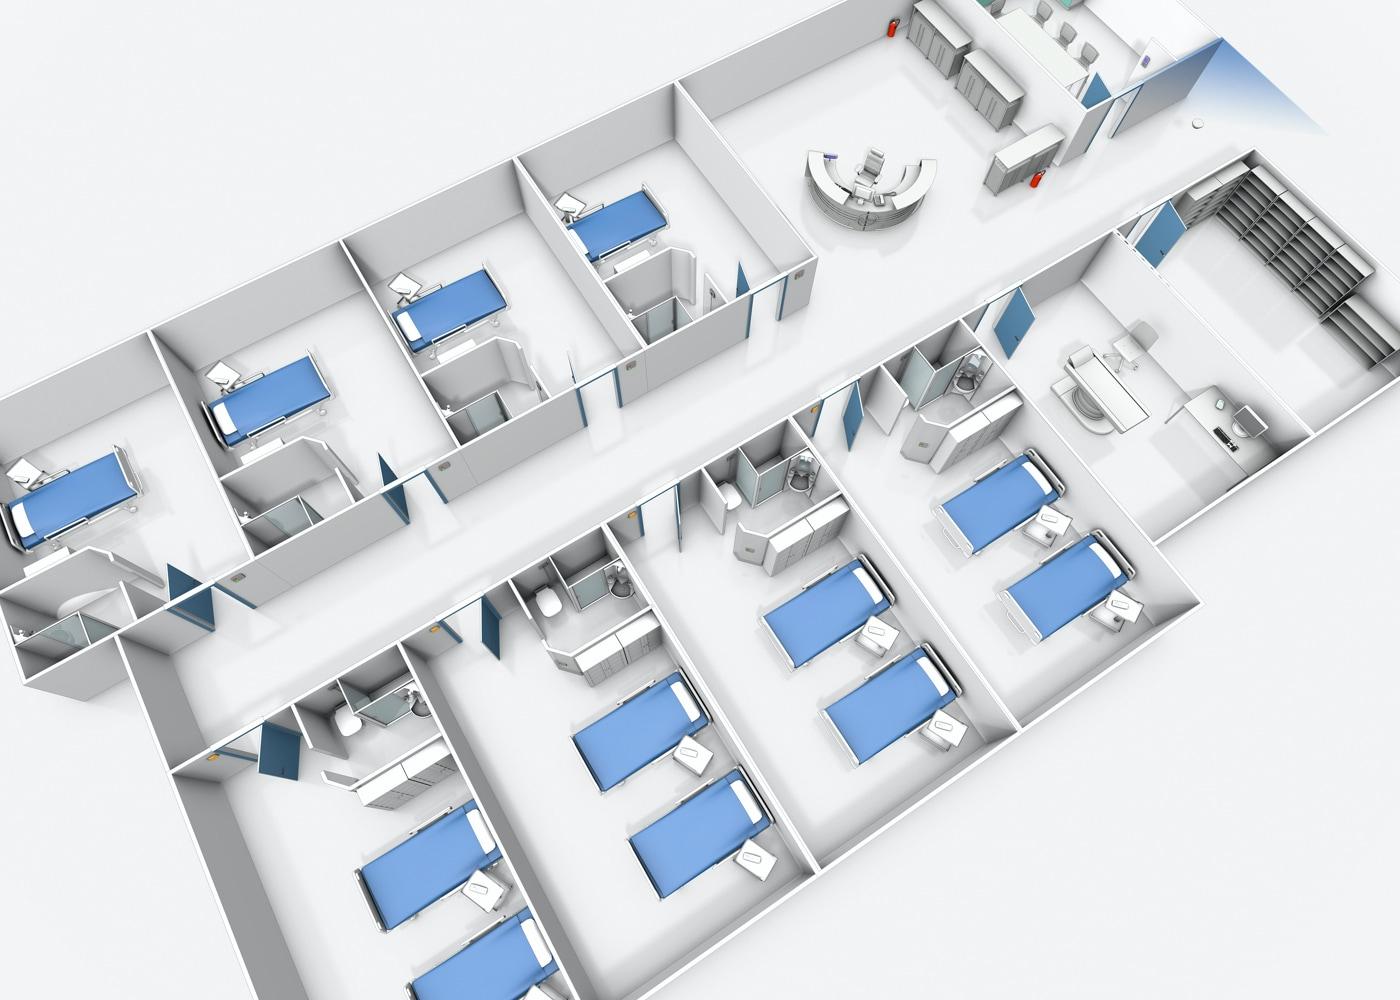 Aufschnitt einer 3D Ansicht einer Krankenhausstation